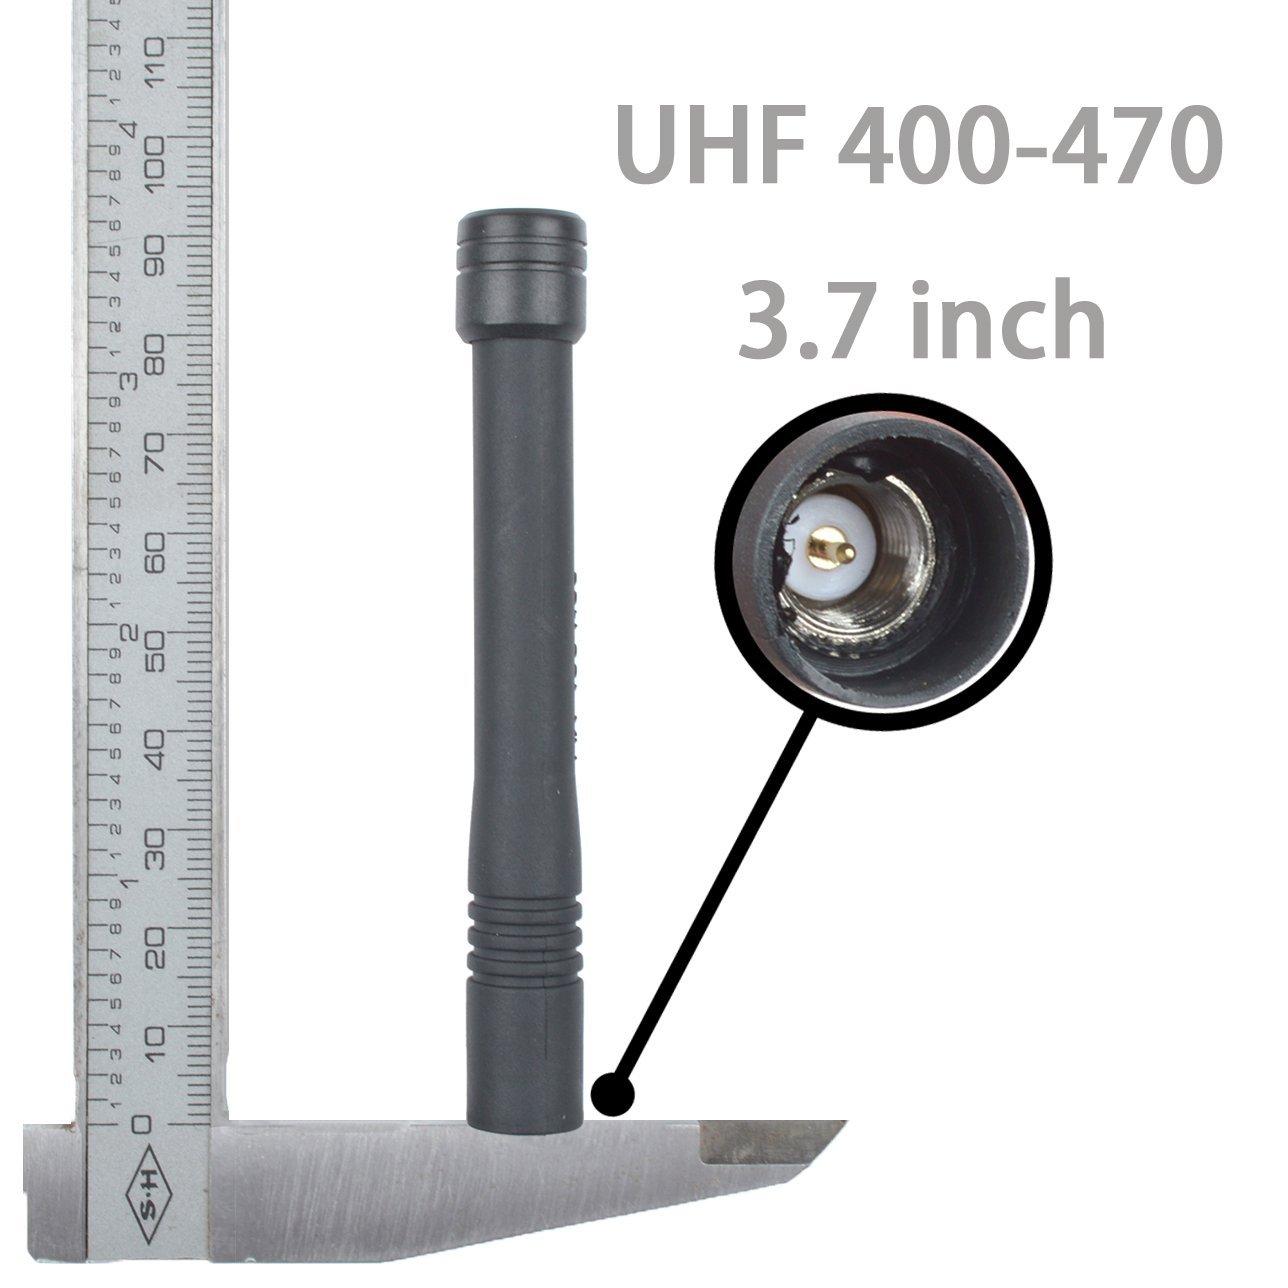 UHF 400-470MHZ Long SMA Antenna Vertex YEASU VX231 VX351 VX160 VX210 VX921 VX924